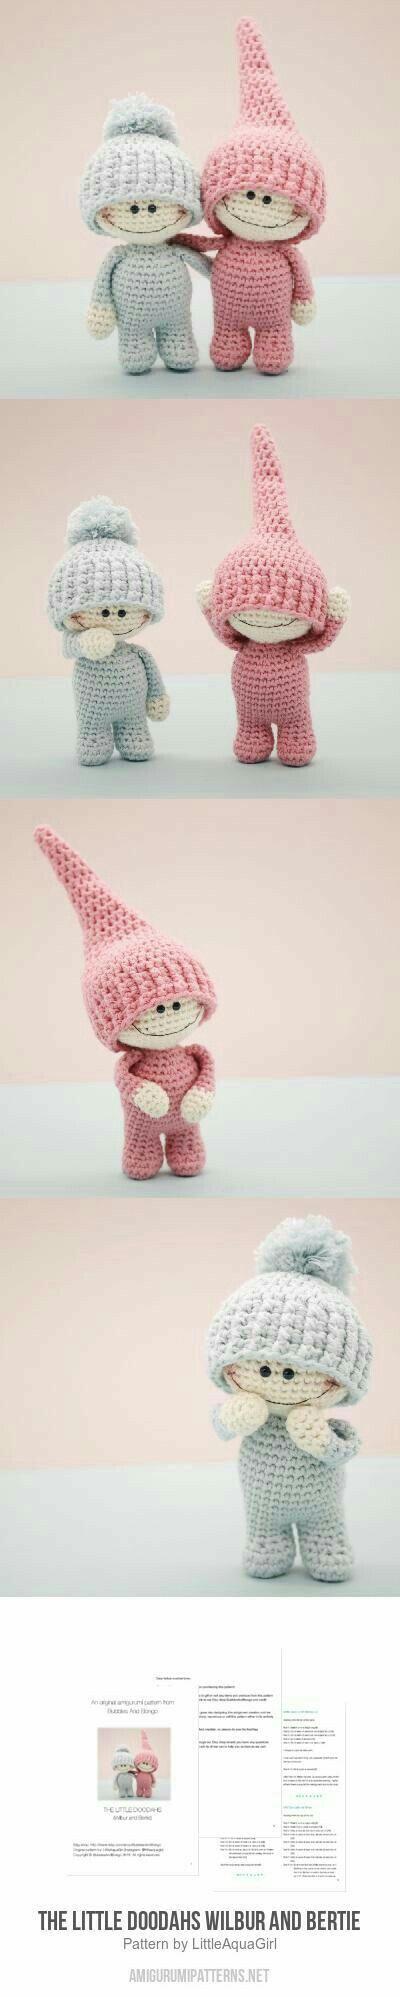 17 besten amigurumi Bilder auf Pinterest